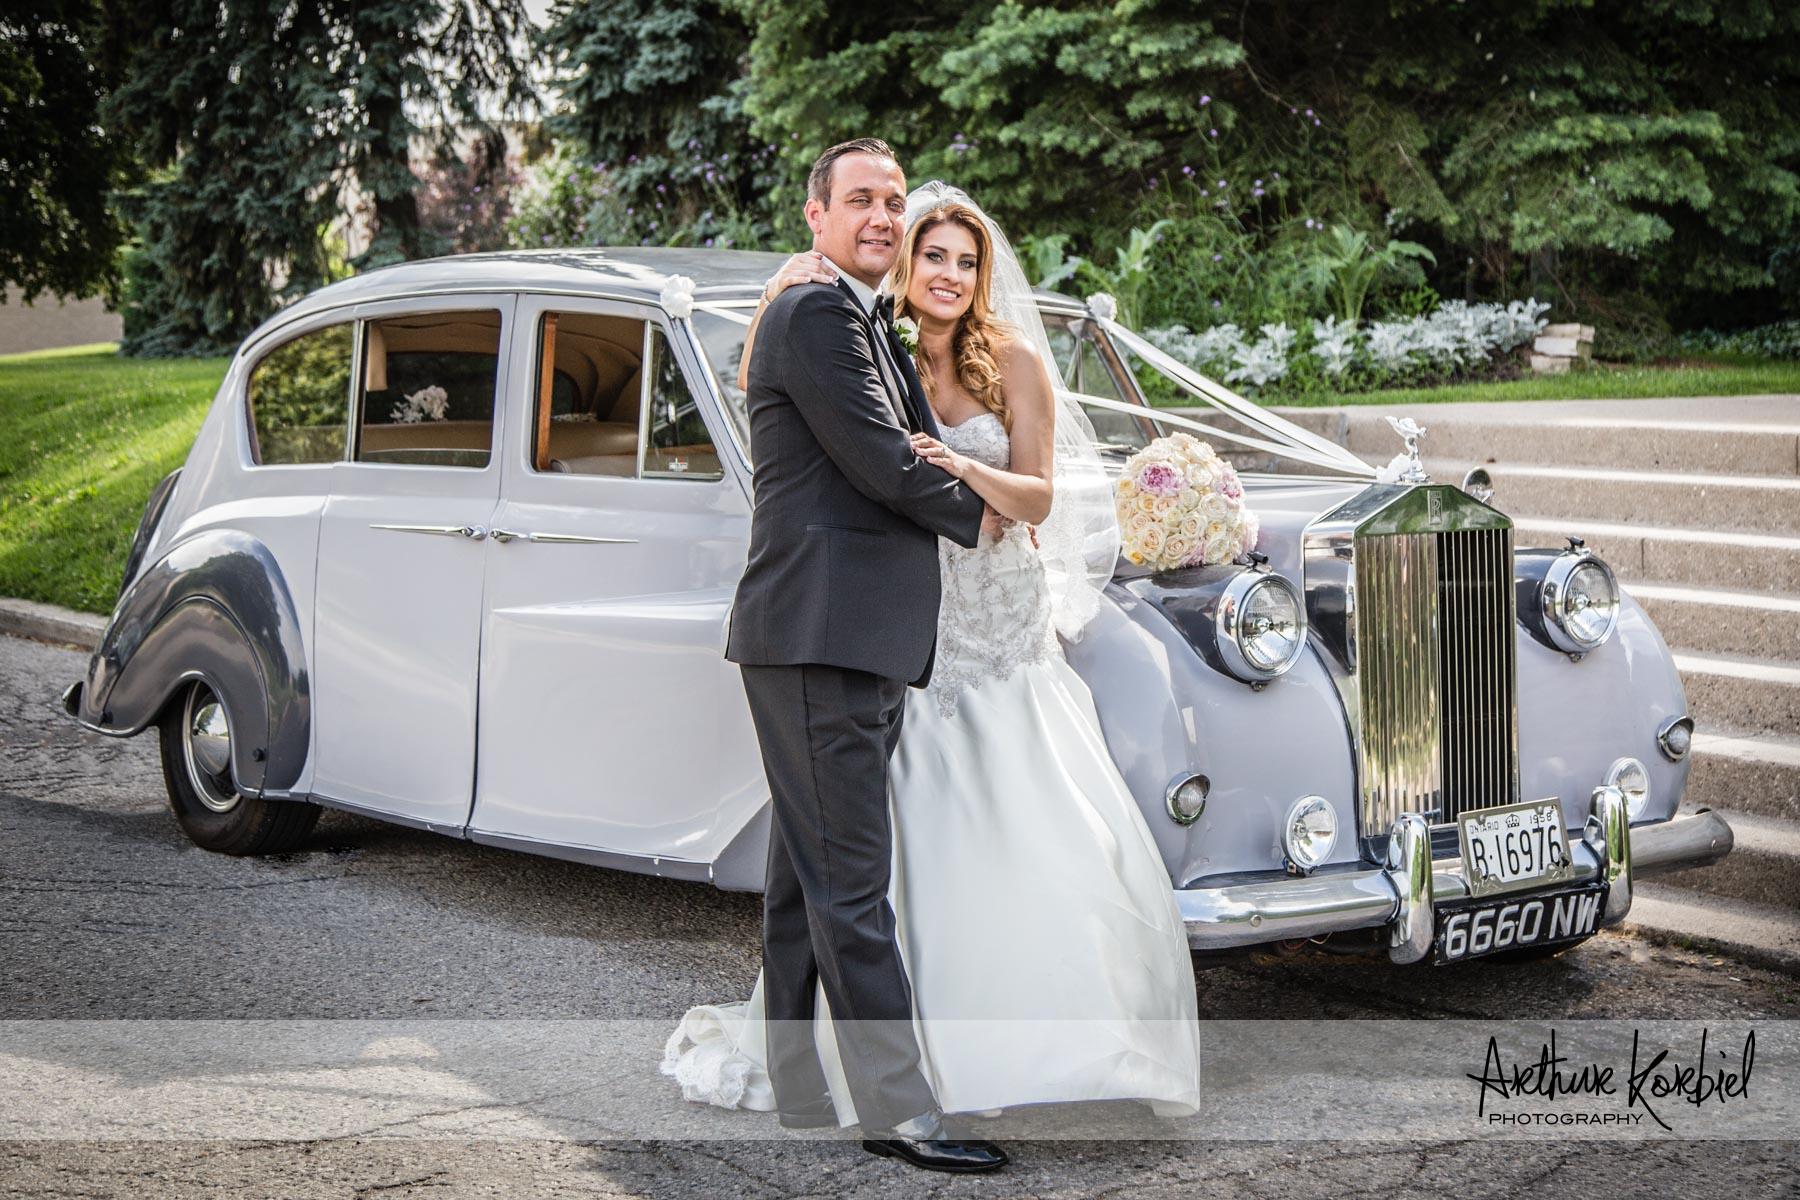 Arthur Korbiel Photography - London Wedding Photographer-024.jpg